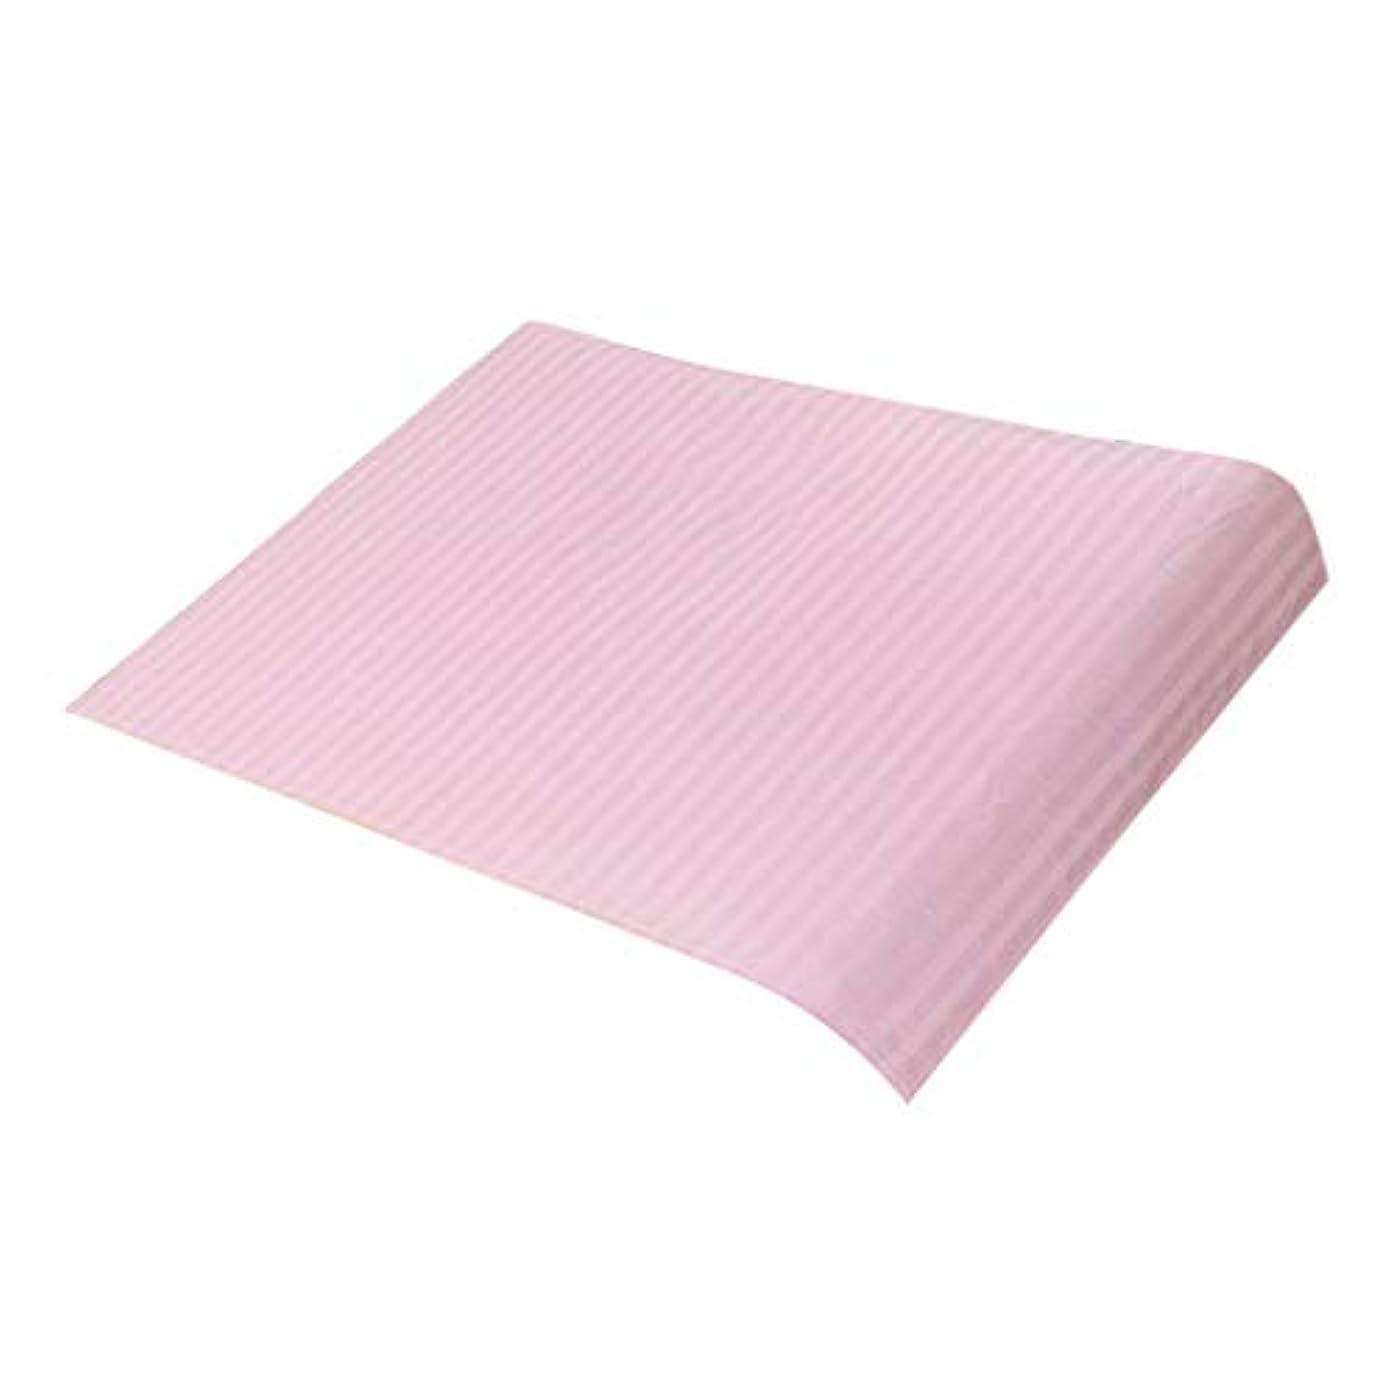 失業ファイバ診断するSM SunniMix マッサージベッドカバー 美容ベッドカバー スパ マッサージテーブルスカート 綿素材 断面デザイン - ピンク